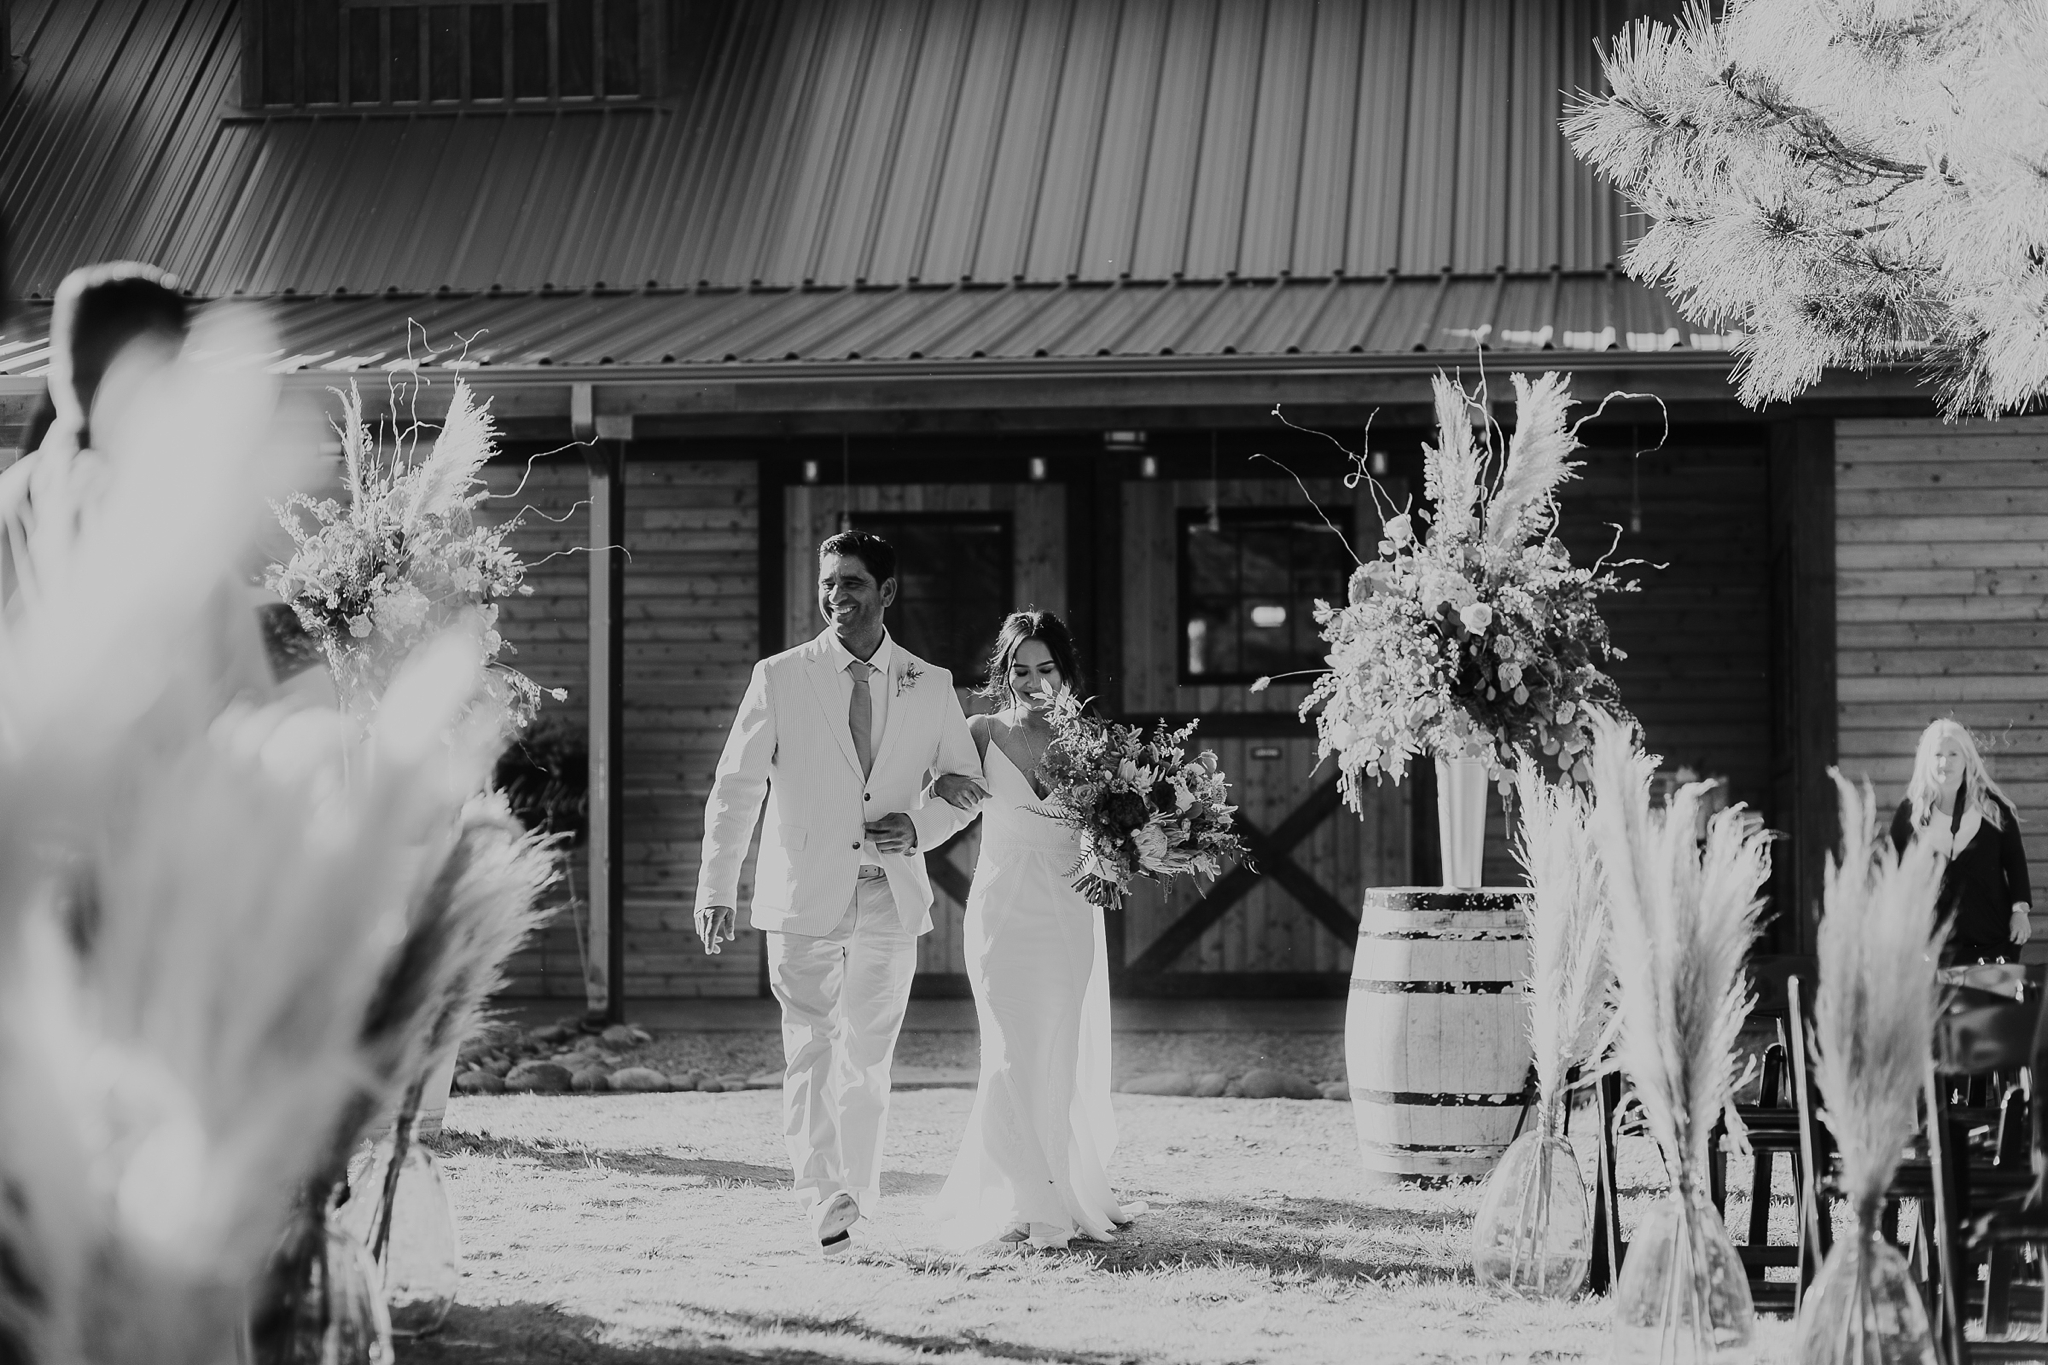 Alicia+lucia+photography+-+albuquerque+wedding+photographer+-+santa+fe+wedding+photography+-+new+mexico+wedding+photographer+-+new+mexico+wedding+-+new+mexico+wedding+-+barn+wedding+-+enchanted+vine+barn+wedding+-+ruidoso+wedding_0094.jpg